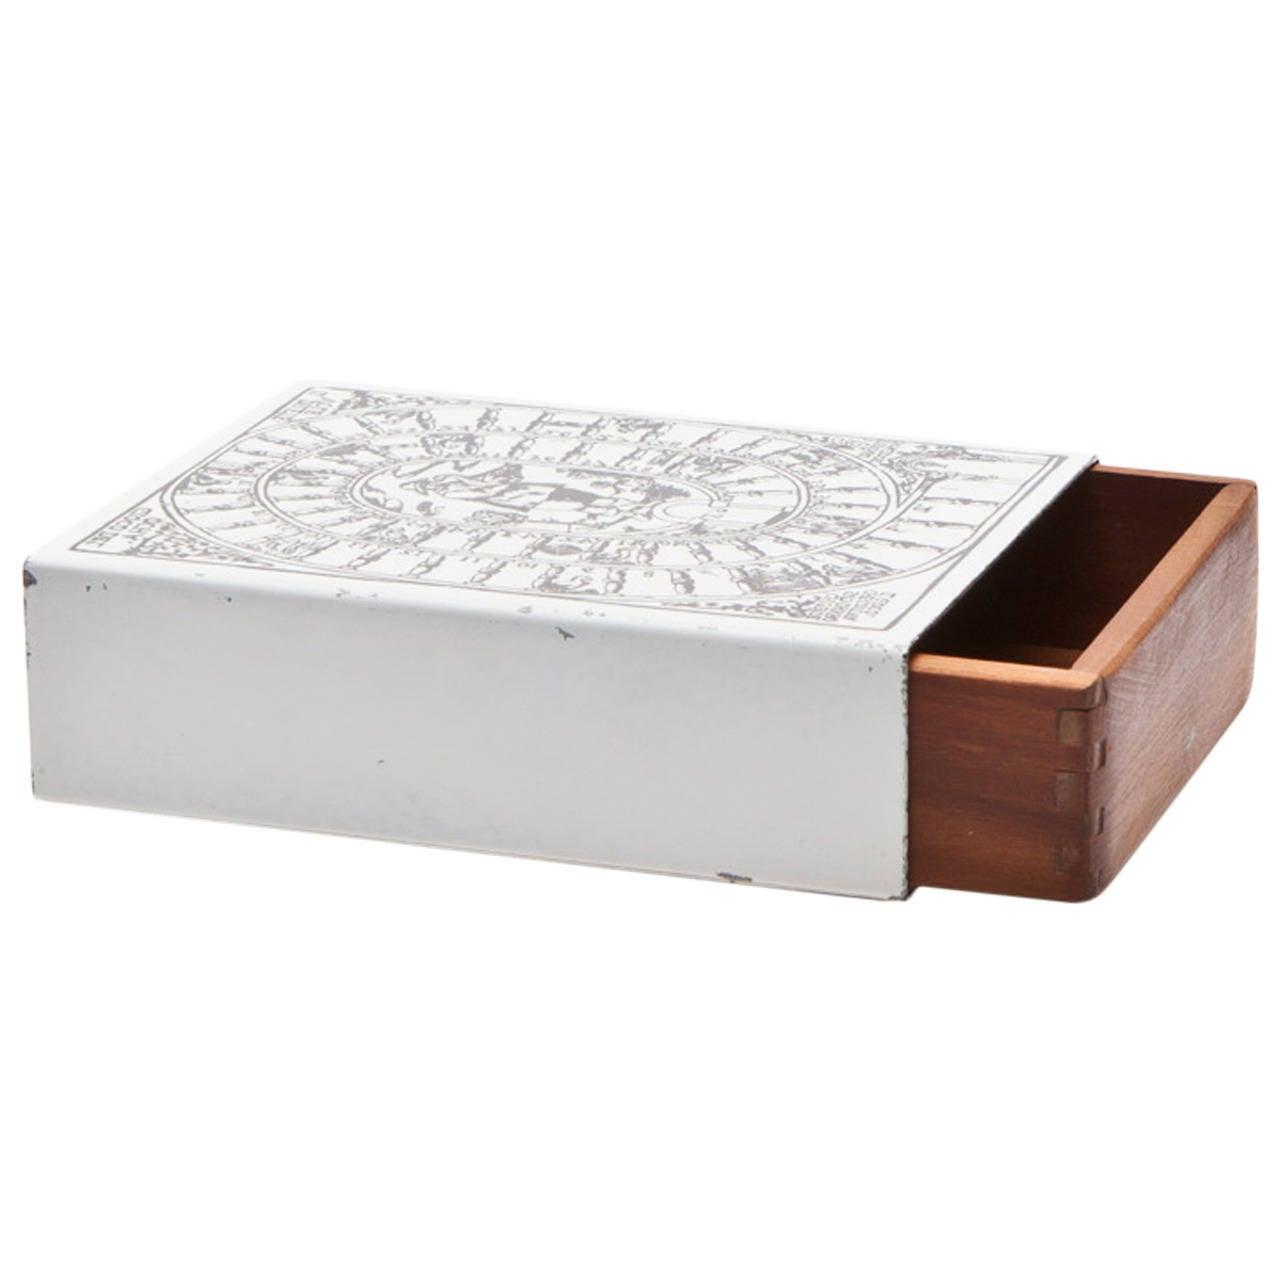 Old Piero Fornasetti Box 'f' For Sale